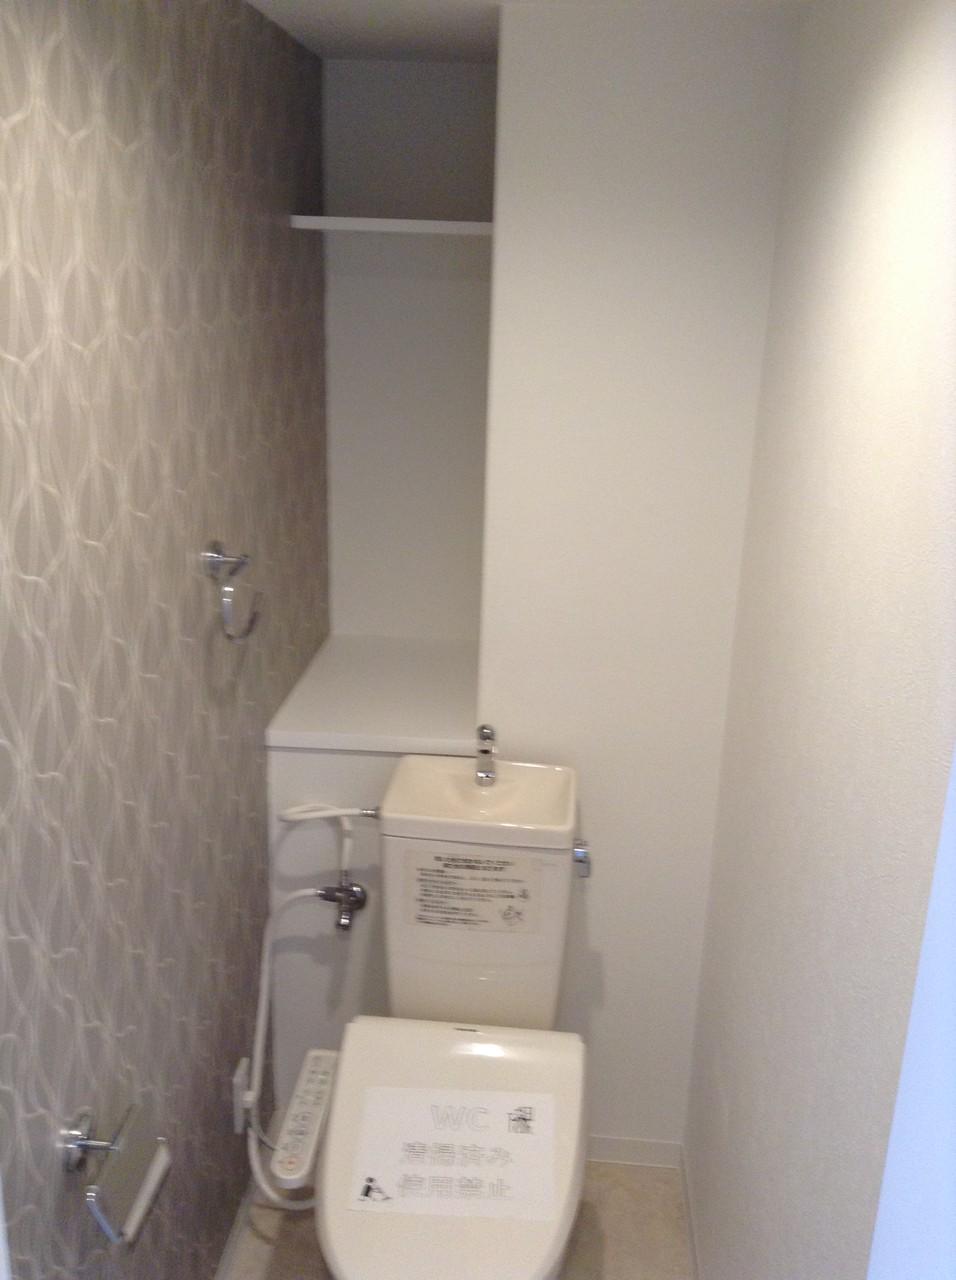 トイレもお洒落なアクセントクロスとシャワートイレ付